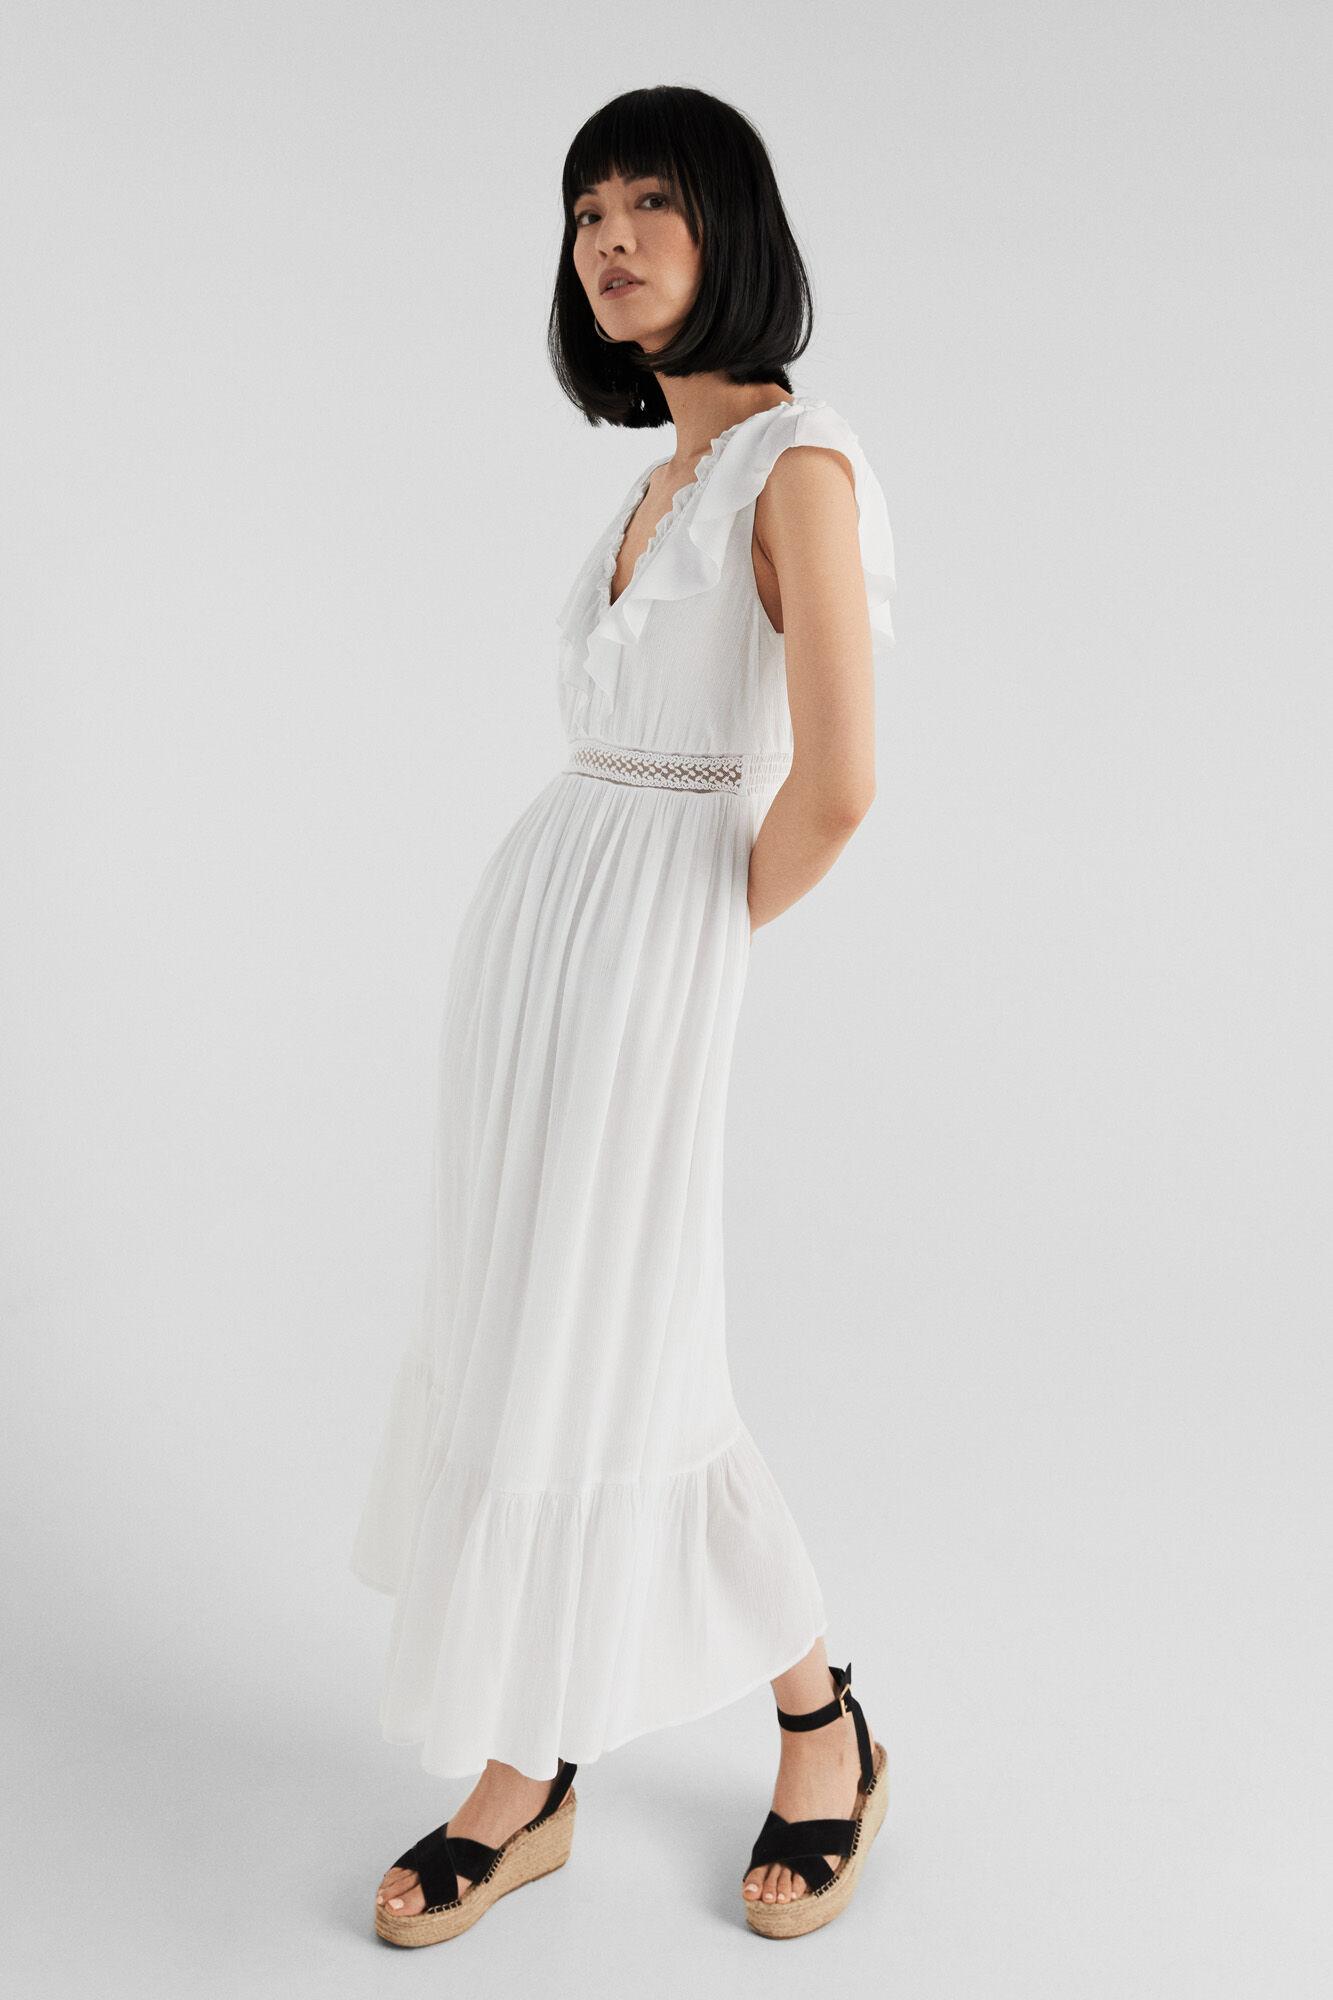 precio moderado mejores zapatillas de deporte linda White cheesecloth dress